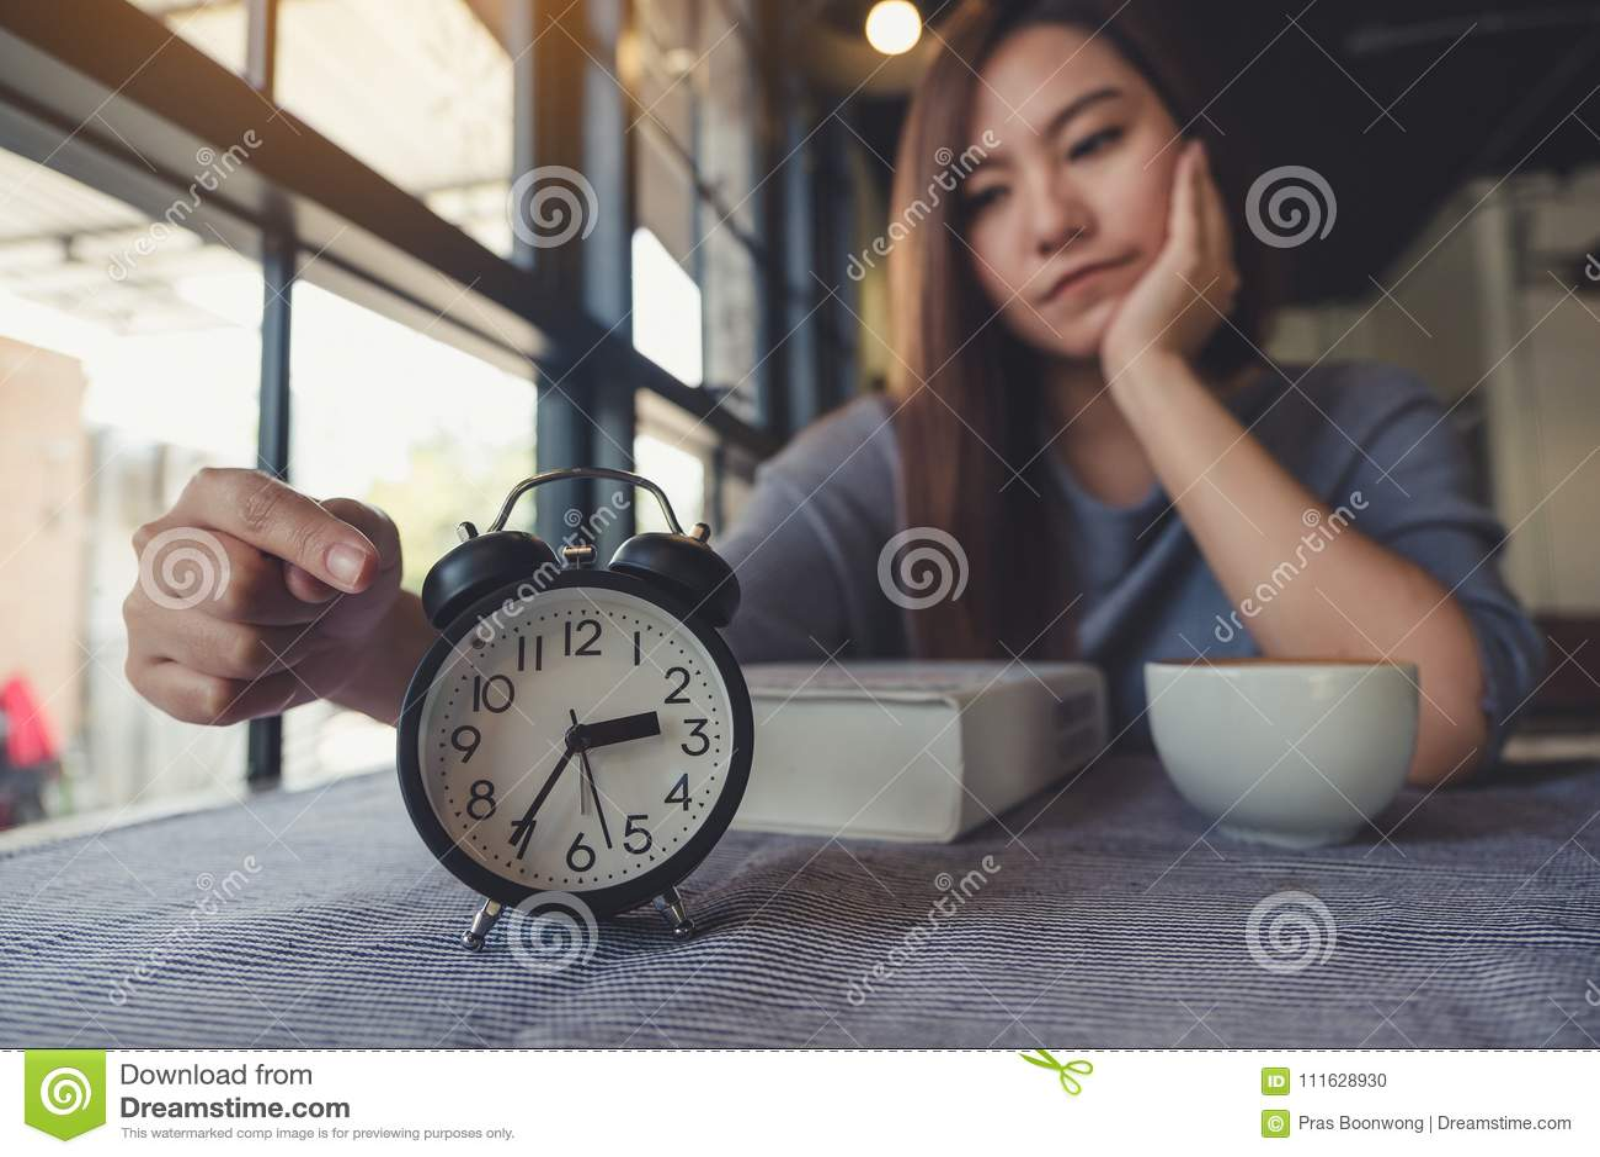 Asiatisk kvinna som pekar på en svart klocka med borrad känsla, medan vänta på någon